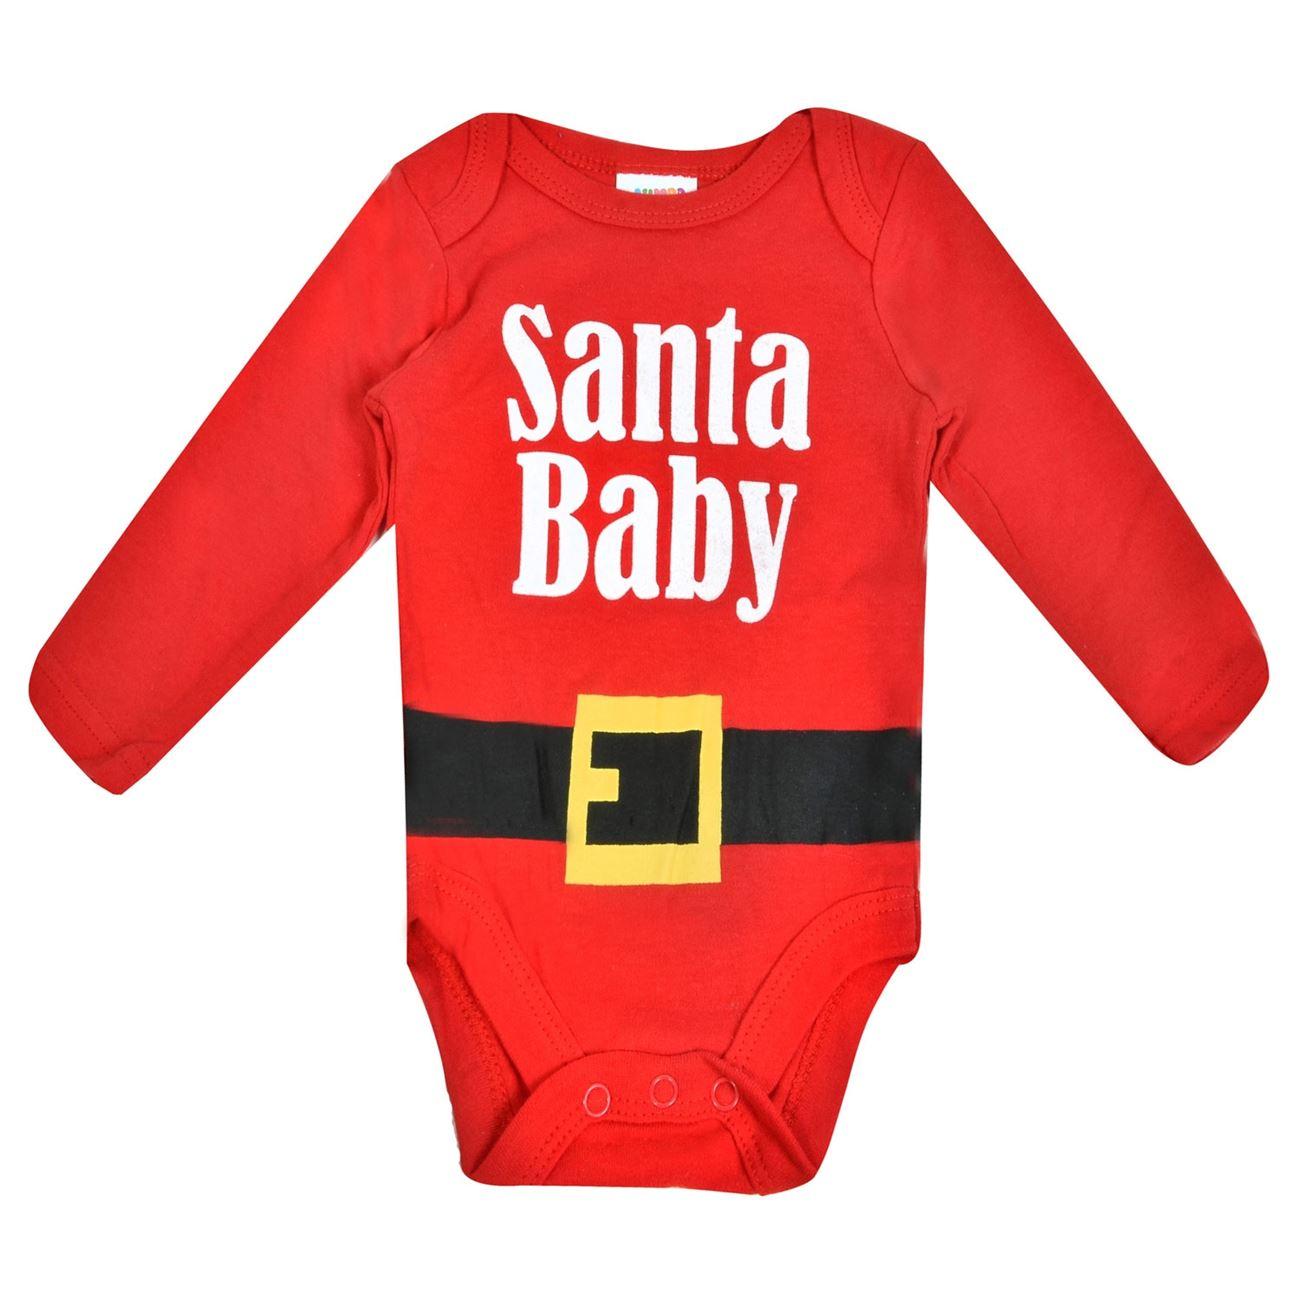 Χριστουγεννιάτικο Βρεφικό Εσώρουχο Φορμάκι Santa Baby   Εσώρουχα ... 4bec6e723e1